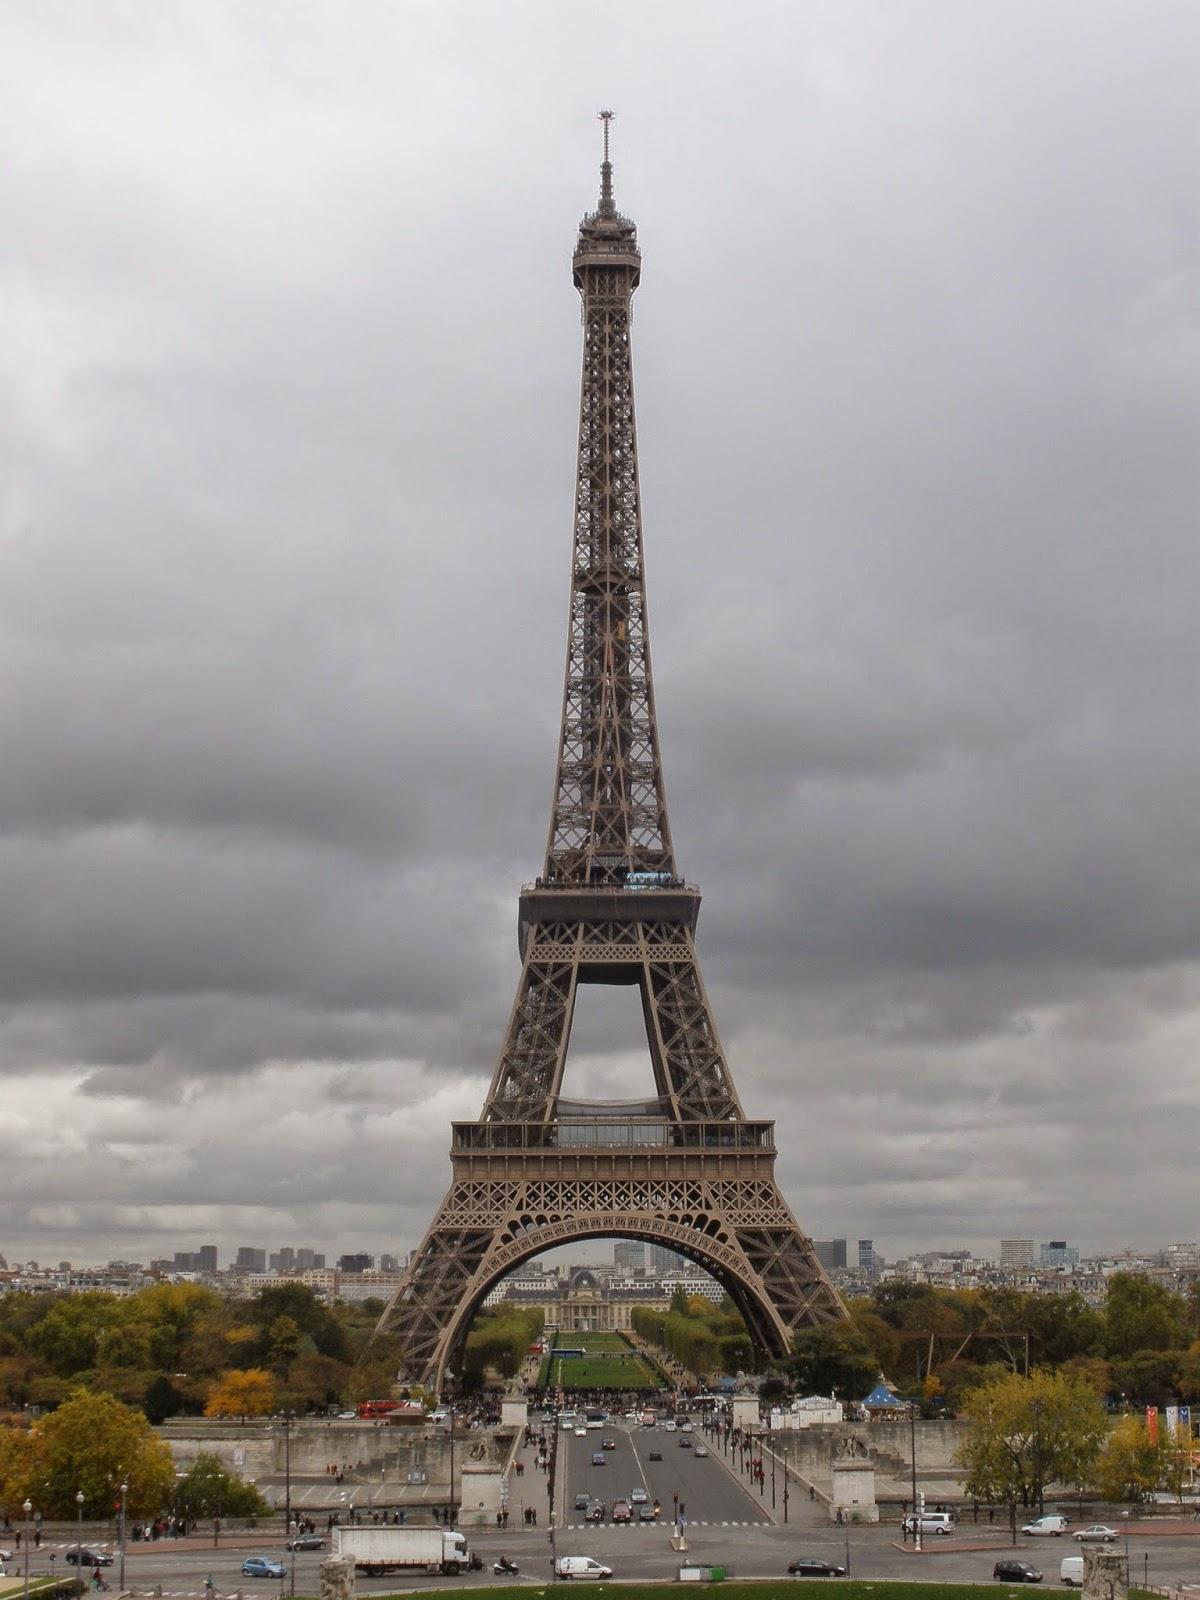 Torre Eiffel, París. Poseía en su inicio 300 metros de altura, y se ha prolongado posteriormente hasta los 324 metros con una antena.